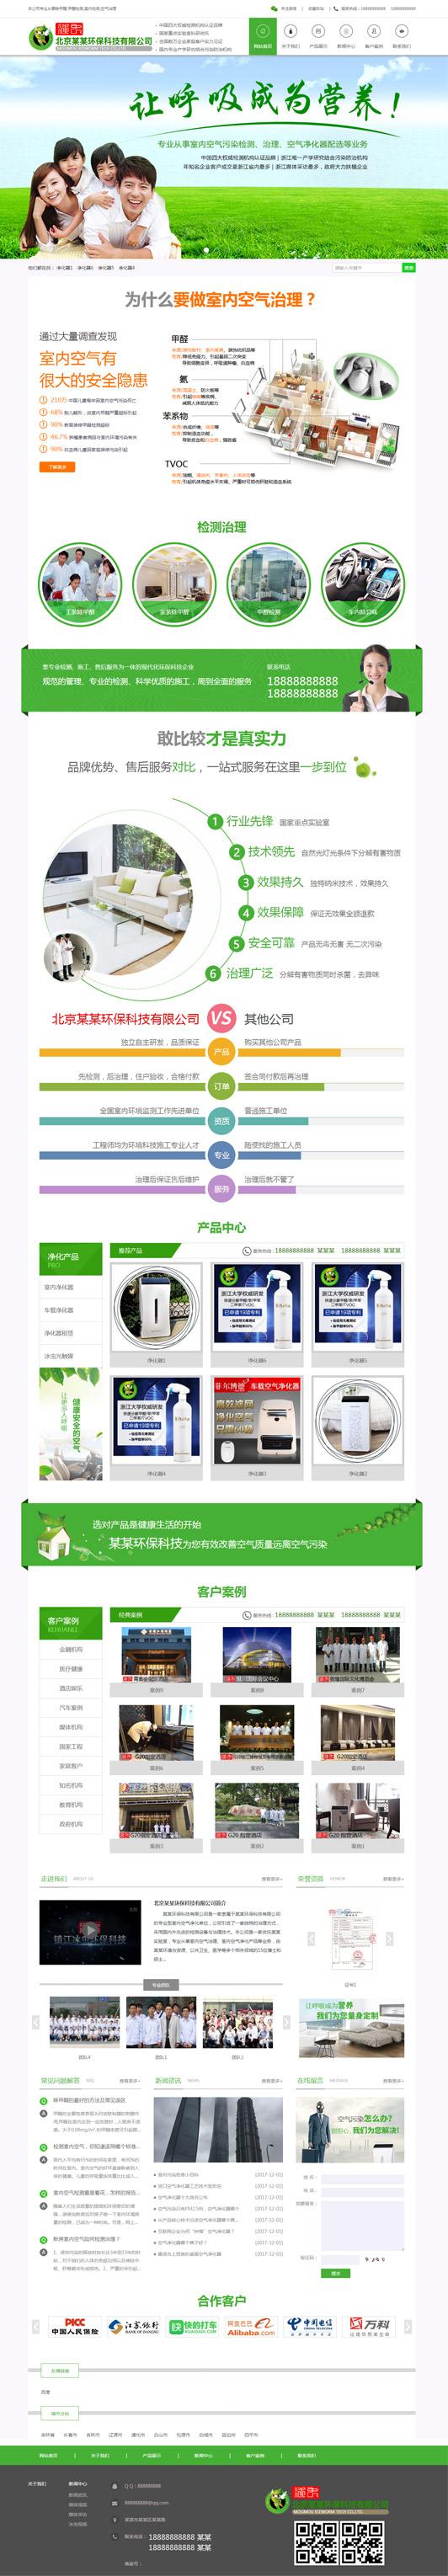 环保科技公司网站通用模板